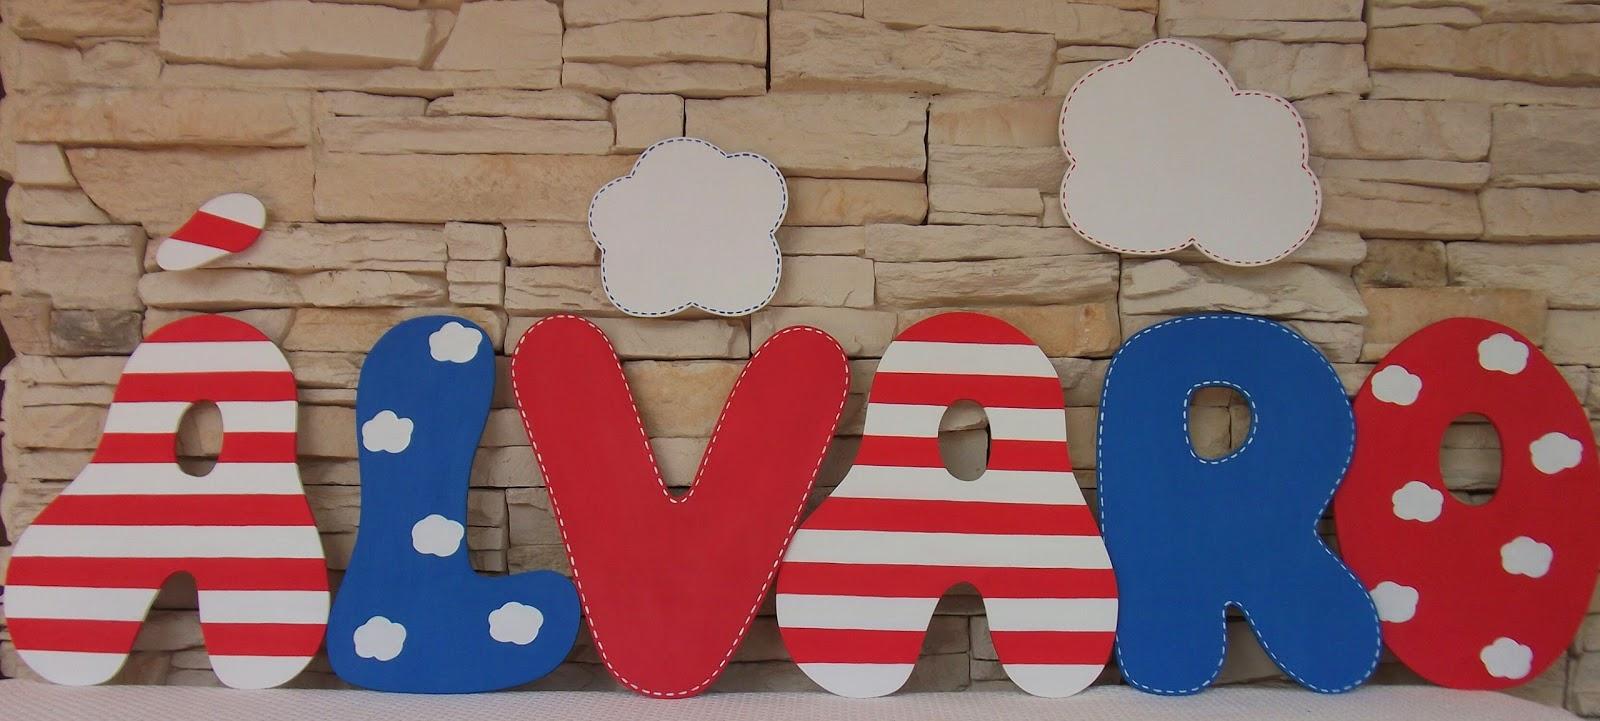 letras de decoracion infantil infantil pekerines letras de madera para de nios